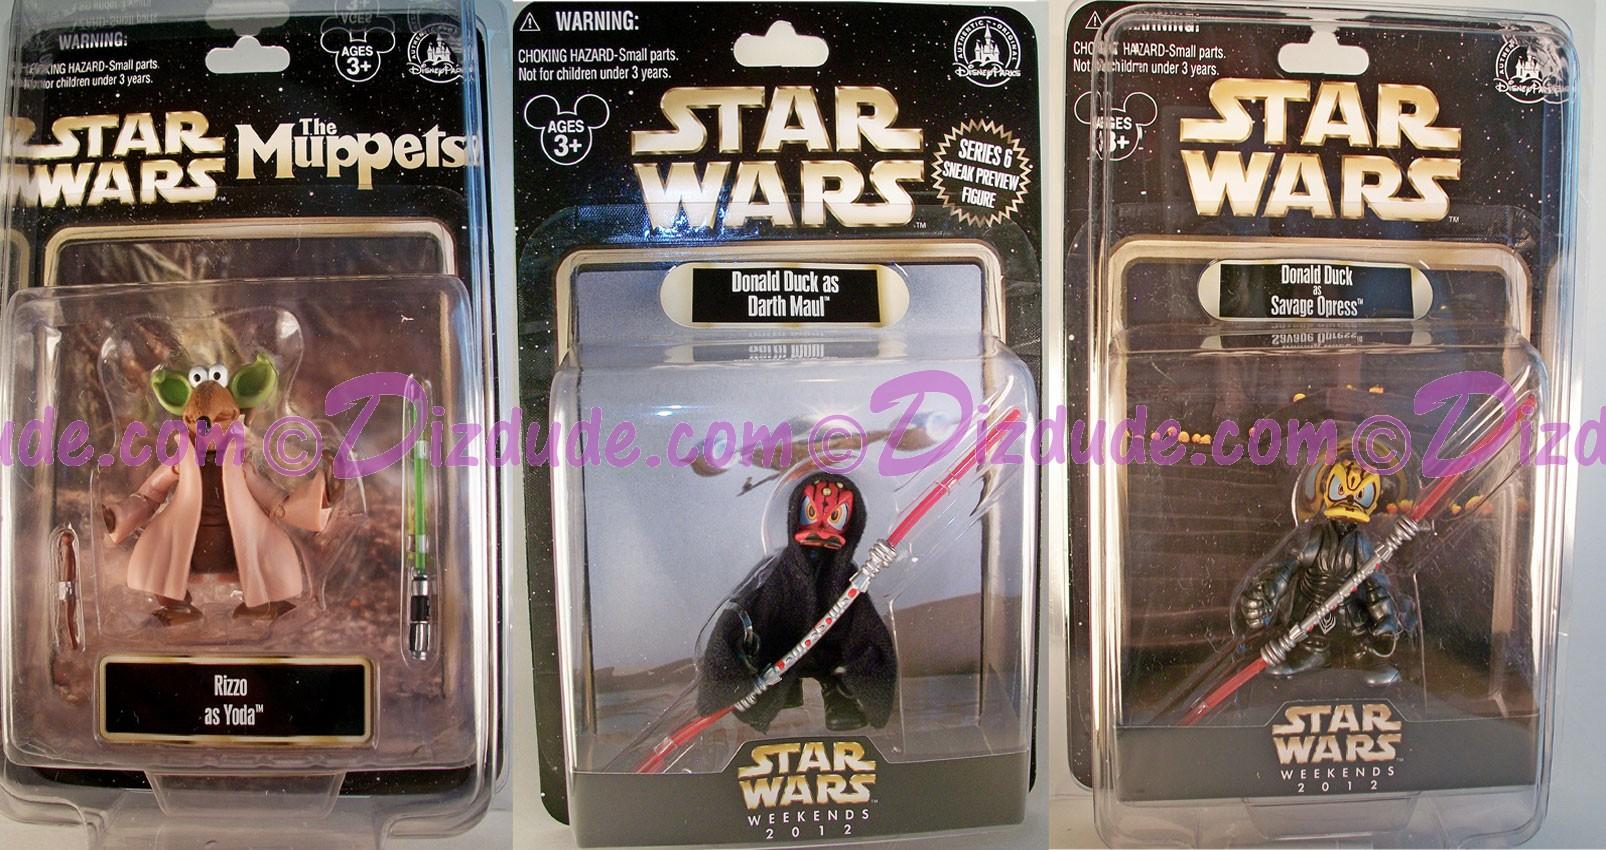 Disney Star Wars Weekend 2012 Complete Set of 3 Action Figures © Dizdude.com